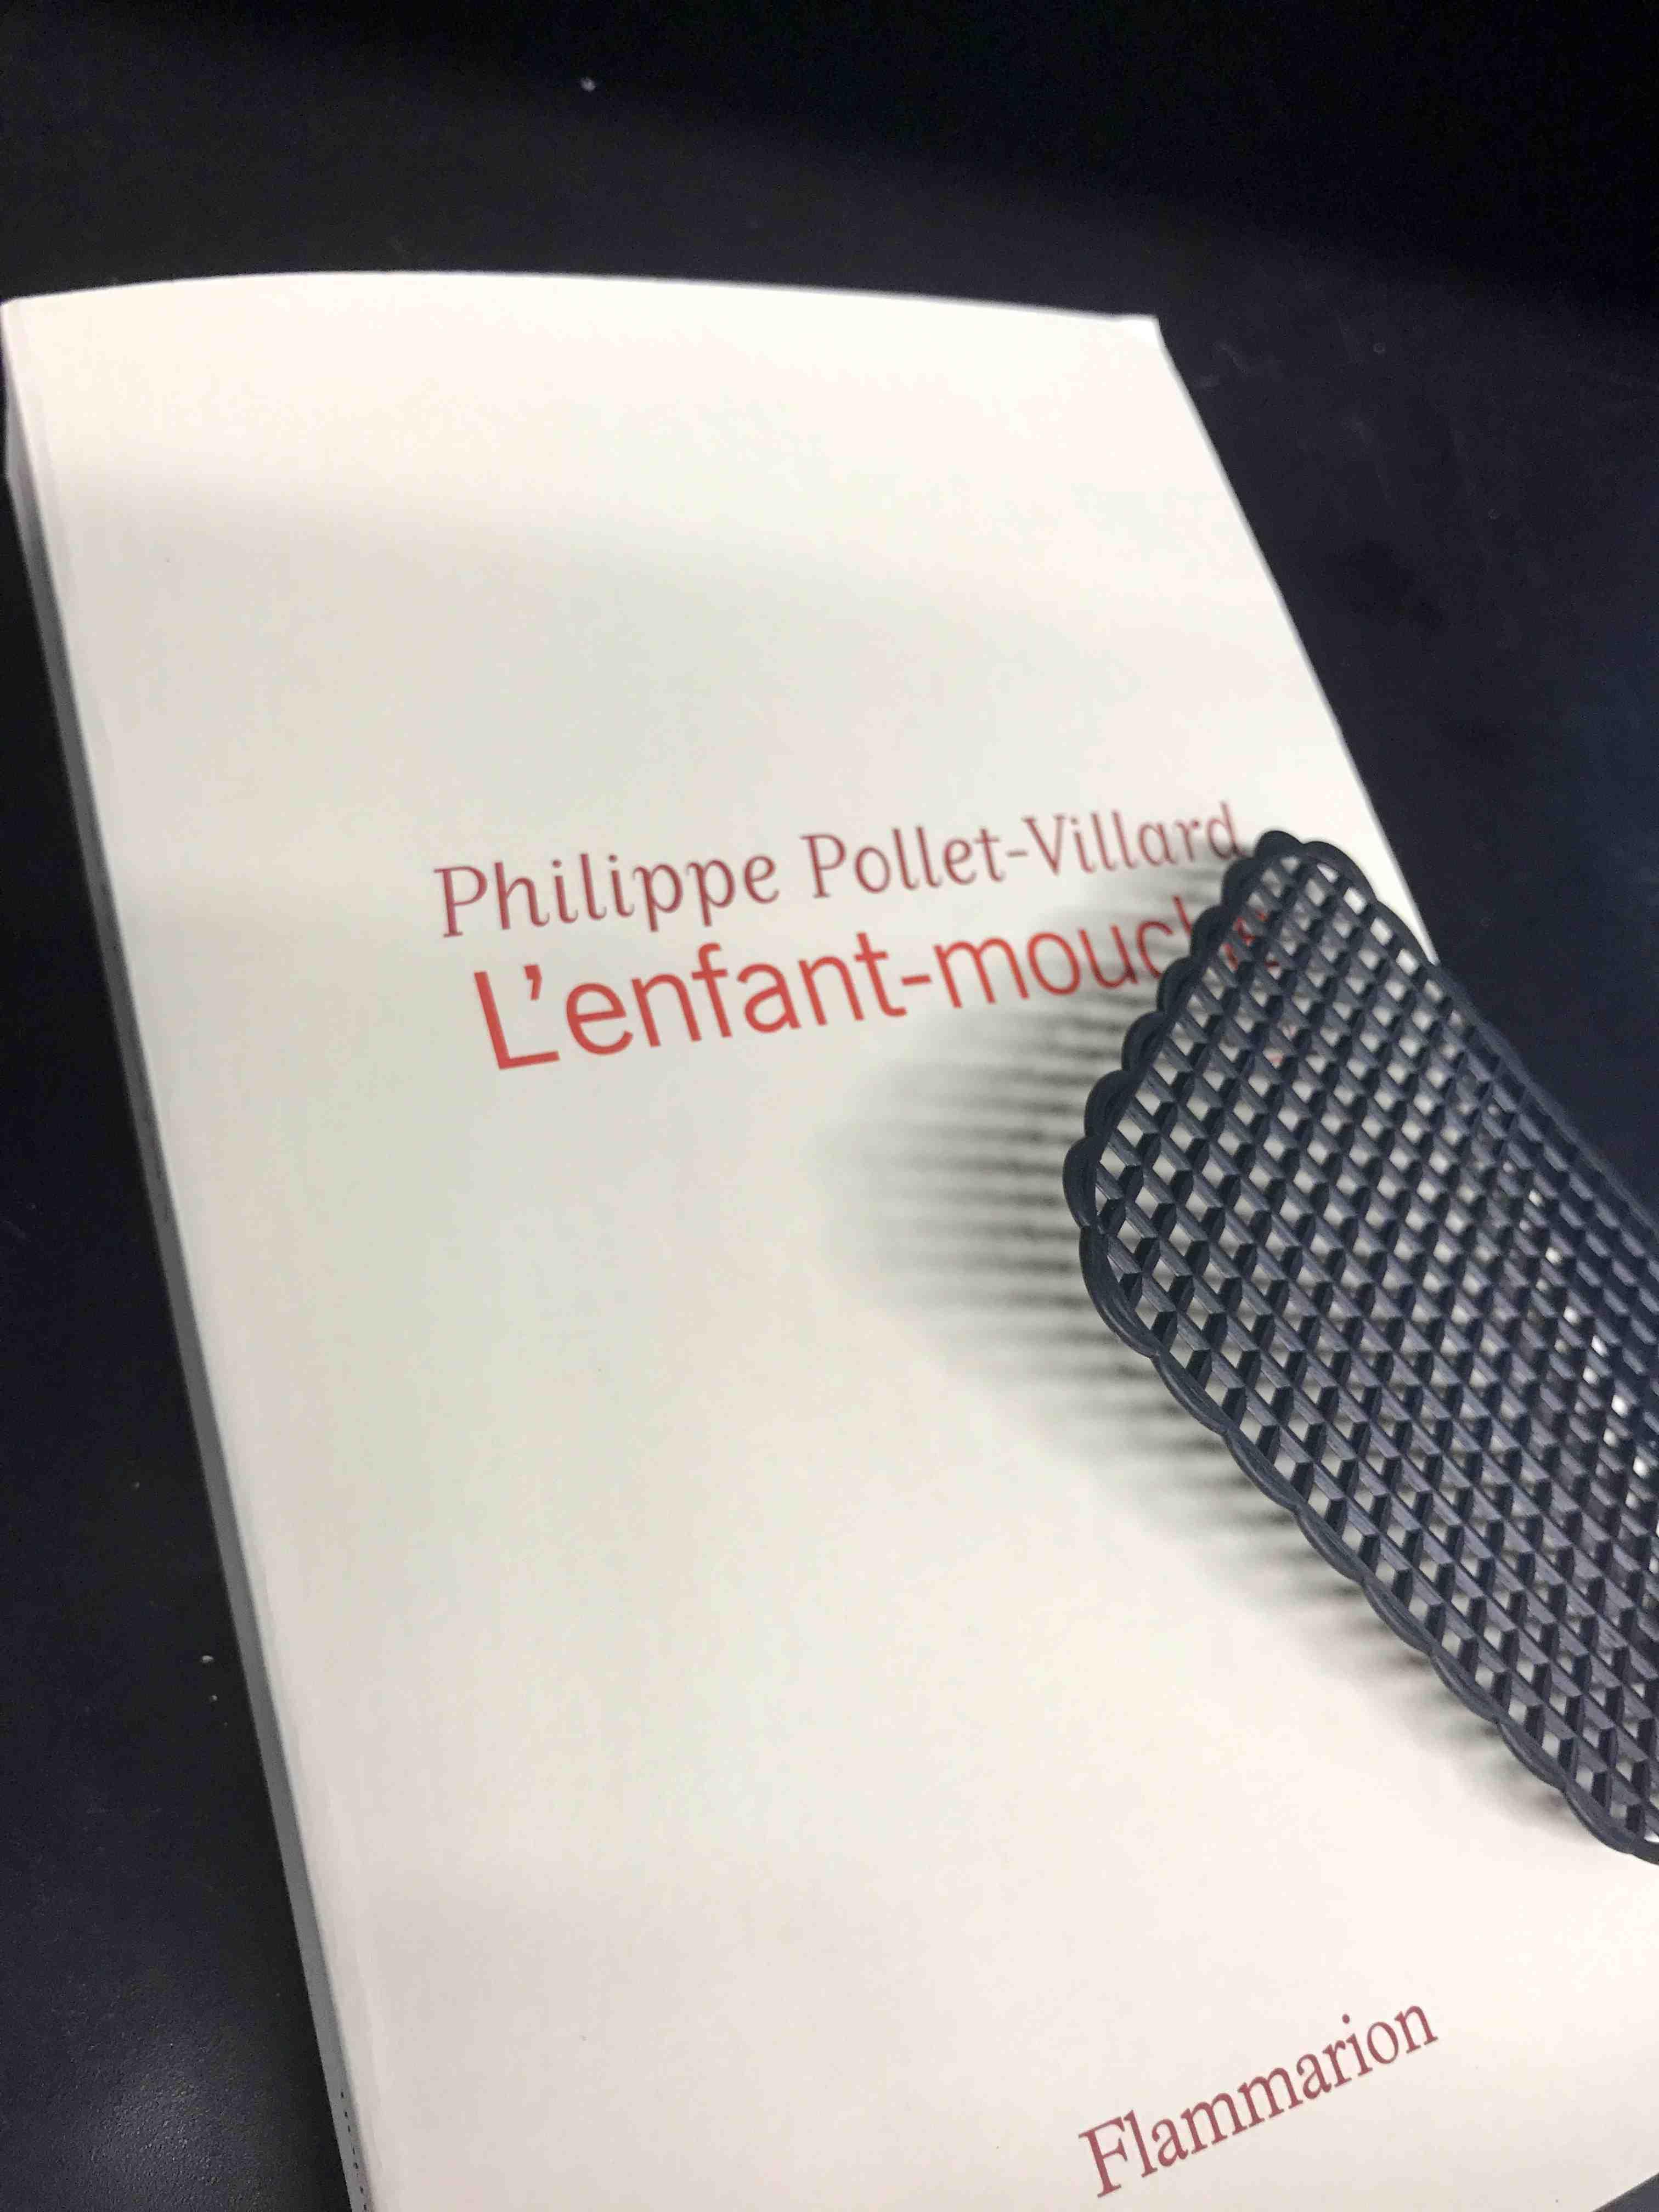 P. Pollet-Villard